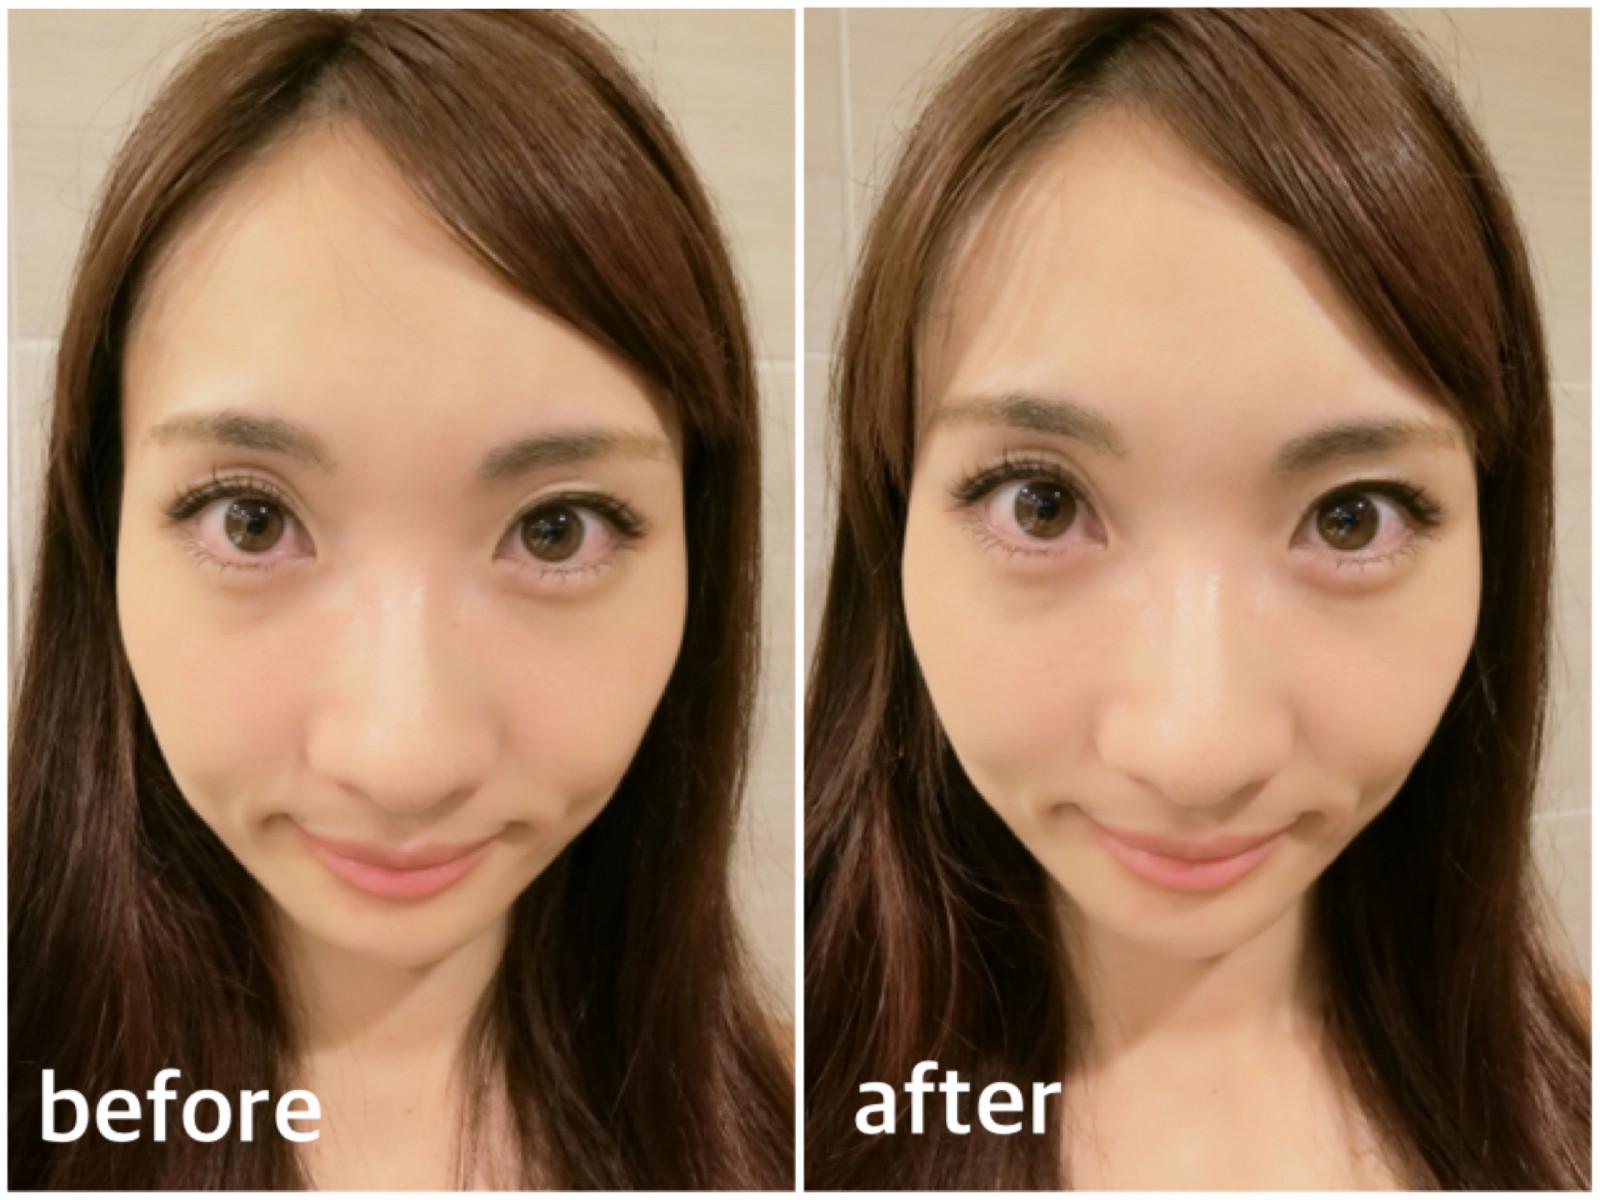 たったの10秒で小顔矯正並み!でか目効果も期待できる簡単小顔テクニック♪